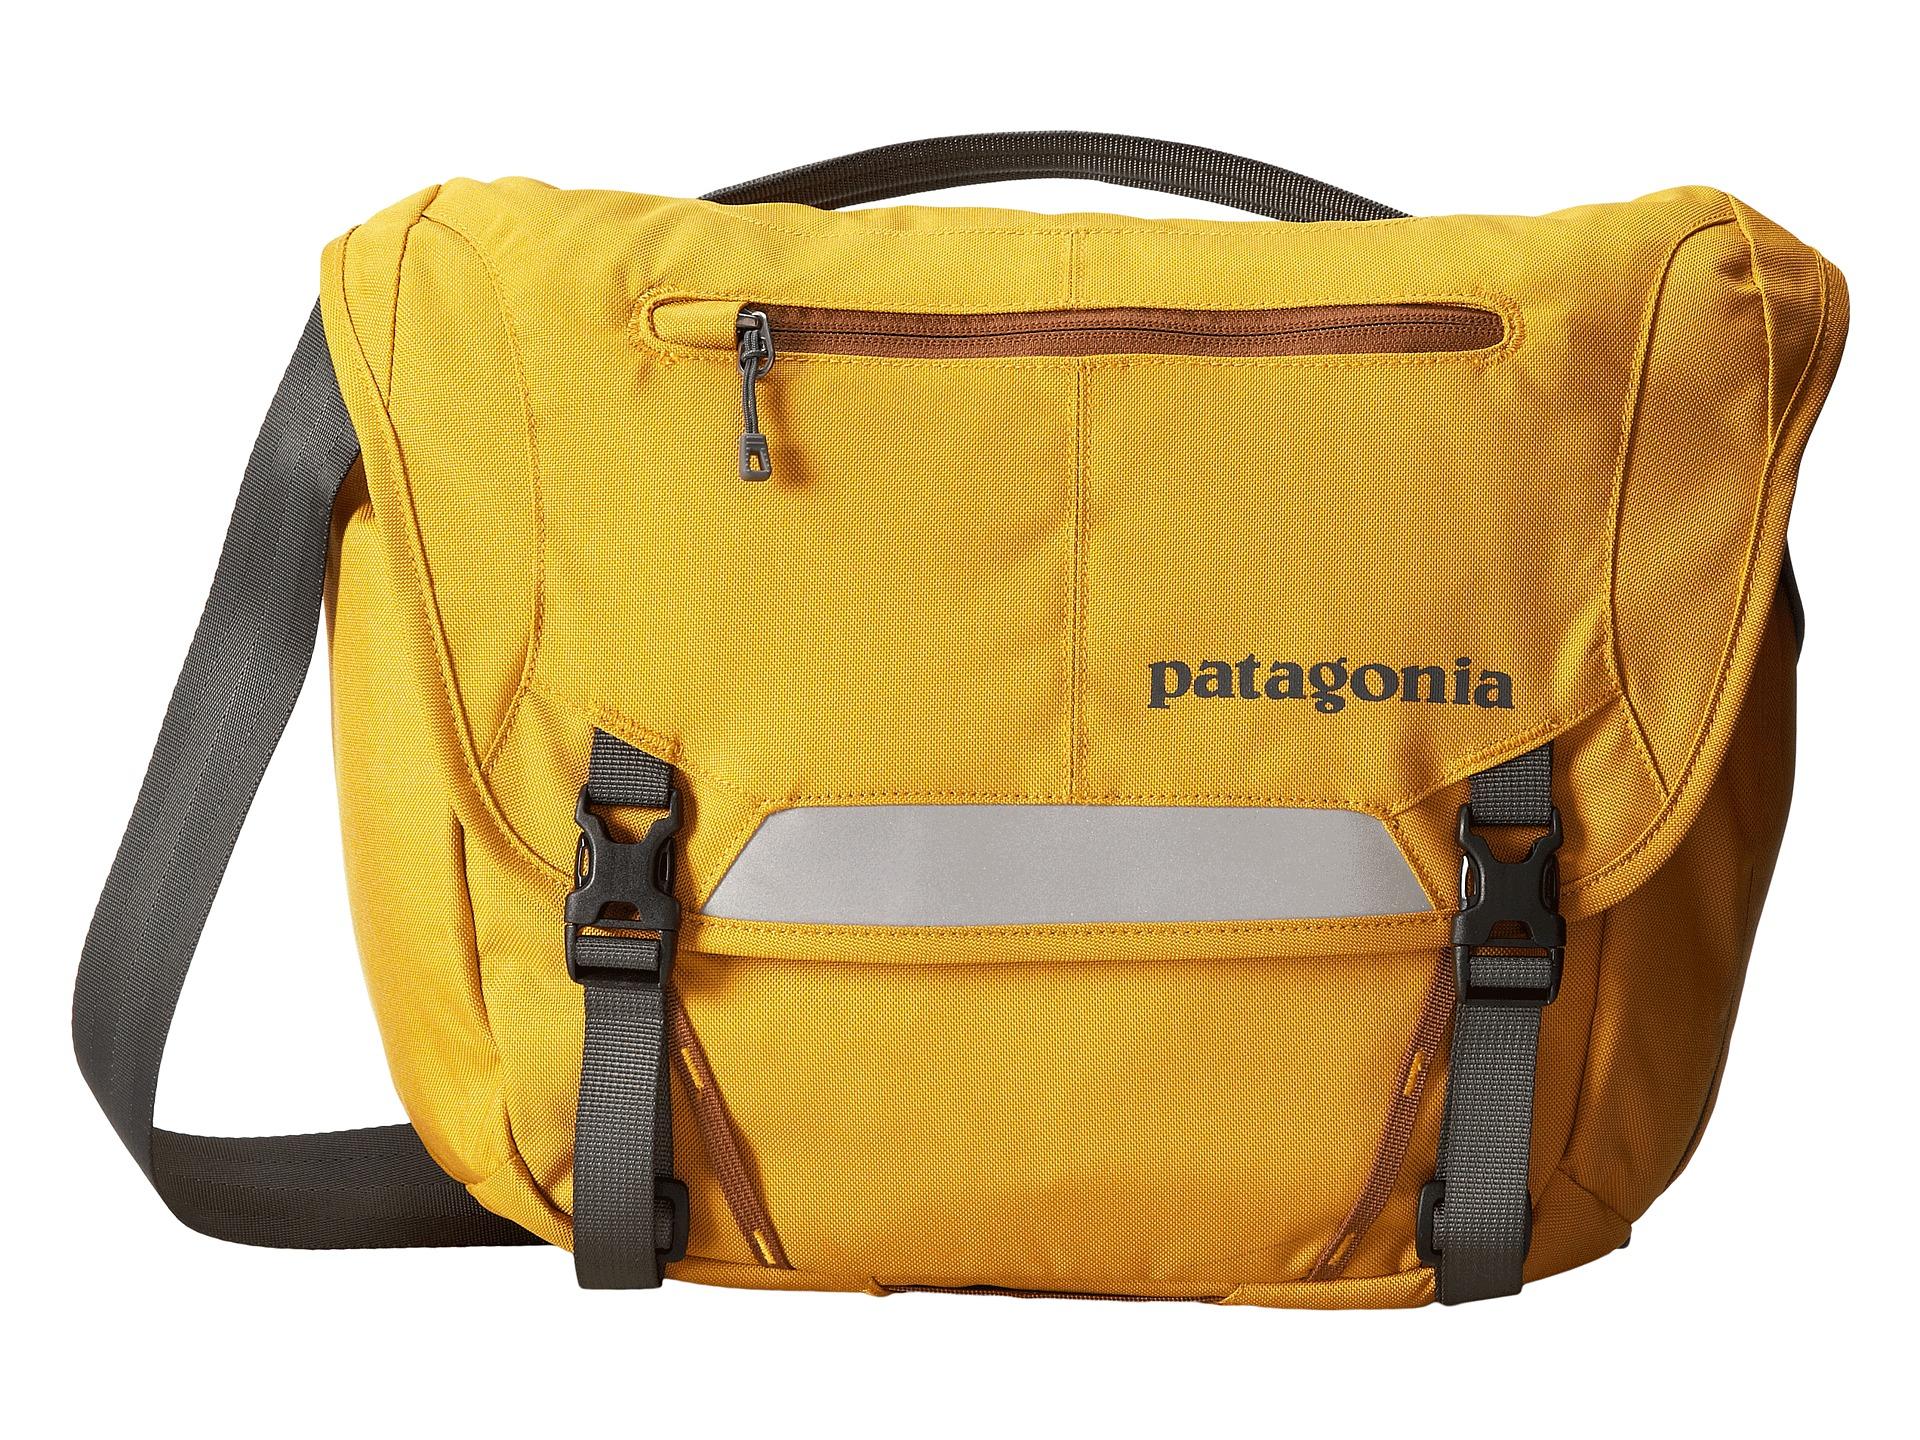 Lyst patagonia minimass in yellow for men jpg 1920x1440 Patagonia minimass eac75bdfa4